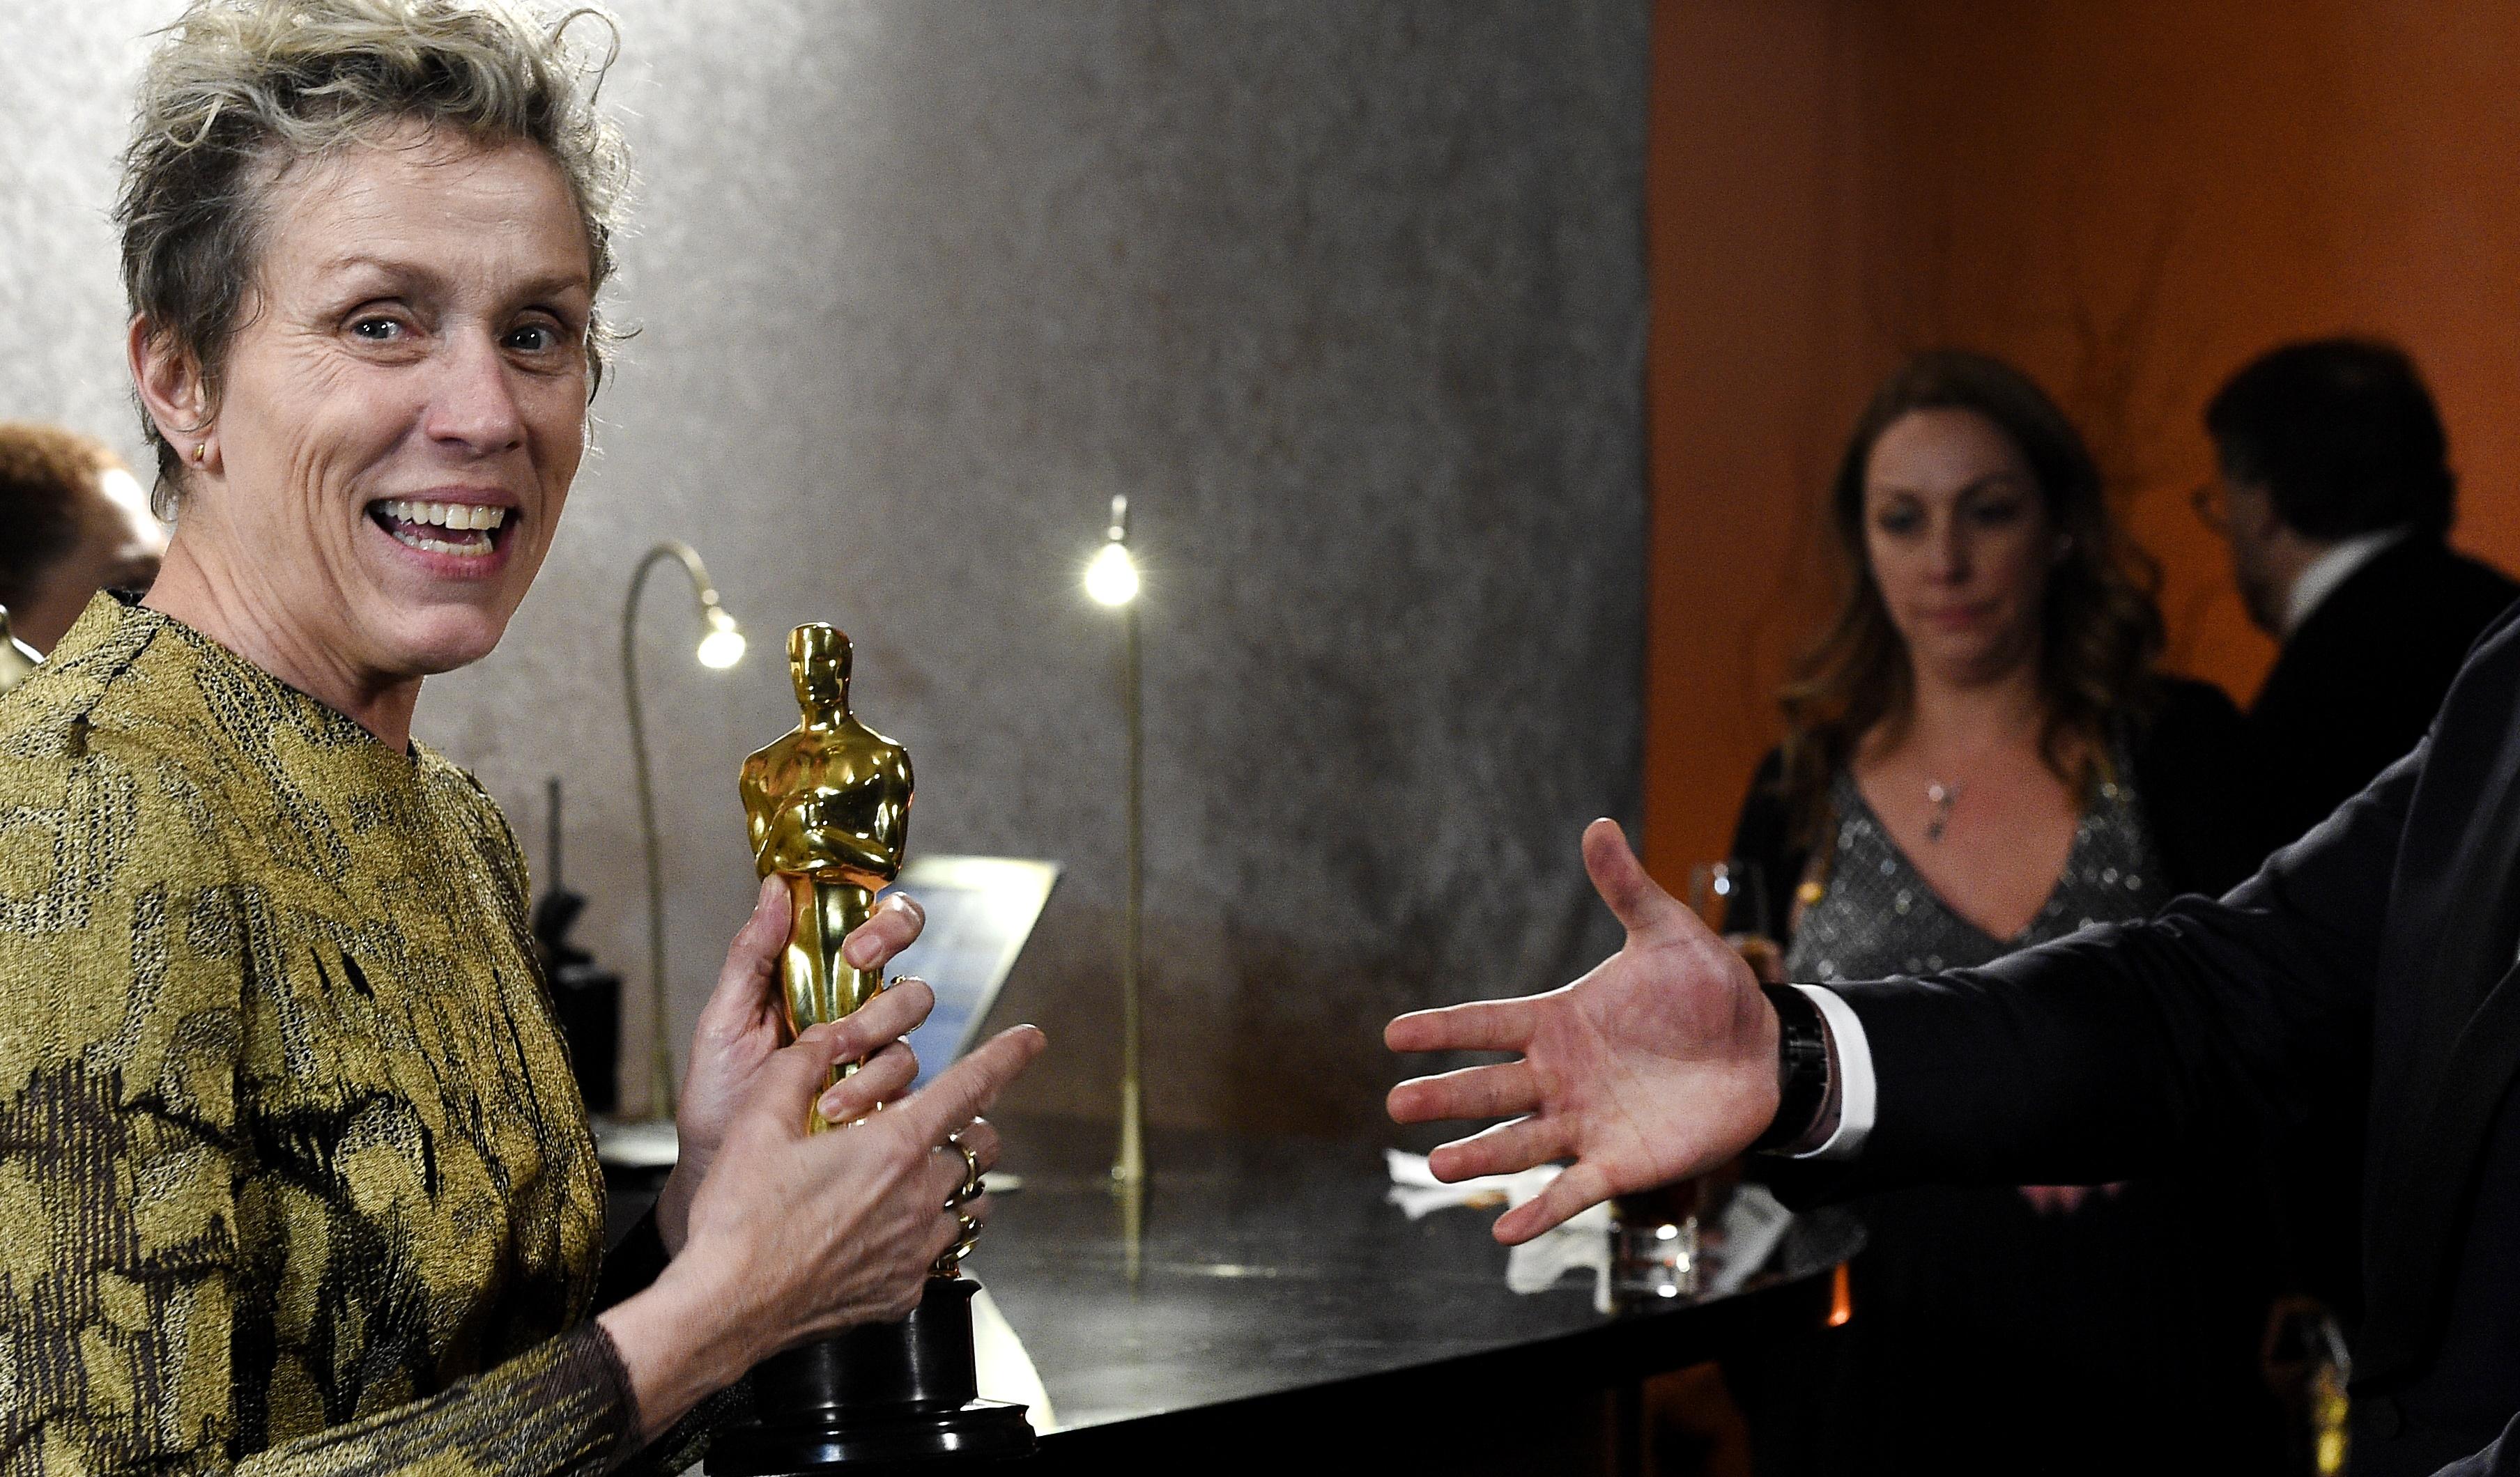 Oscar 2018: Frances McDormand tem estatueta furtada em festa; suspeito é preso após foto divulgada no Twitter